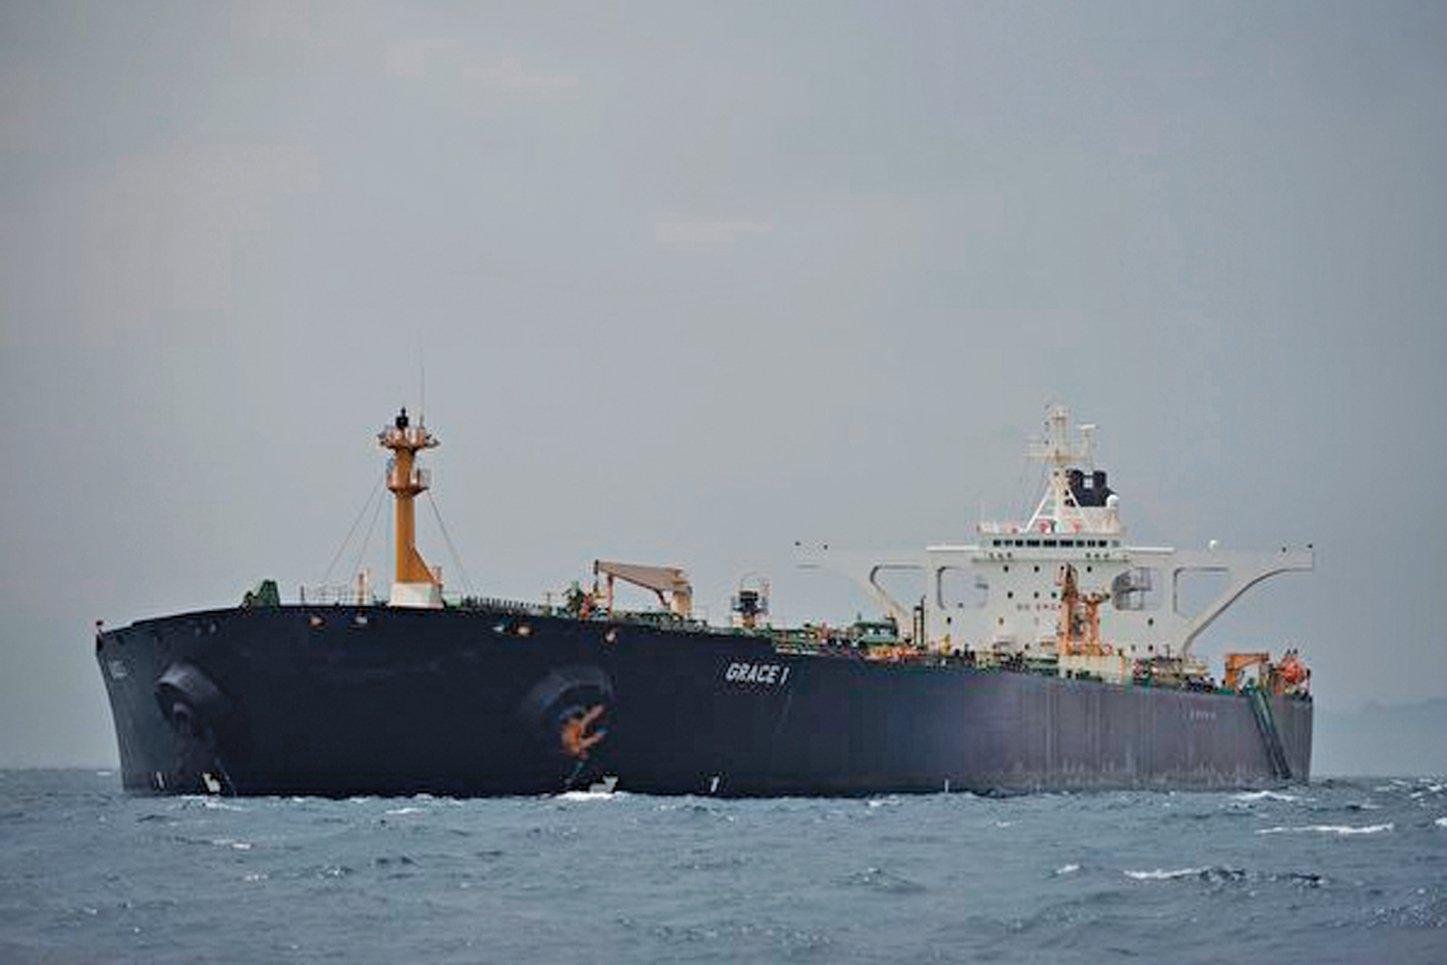 《金融時報》於2019年8月4日引述消息指,崑崙銀行僱用了一隻油輪艦隊,將伊朗石油運往中國。圖為2019年7月6日,停靠在英國海外領土直布羅陀外海的一艘油輪。(JORGE GUERRERO/AFP/Getty Images)